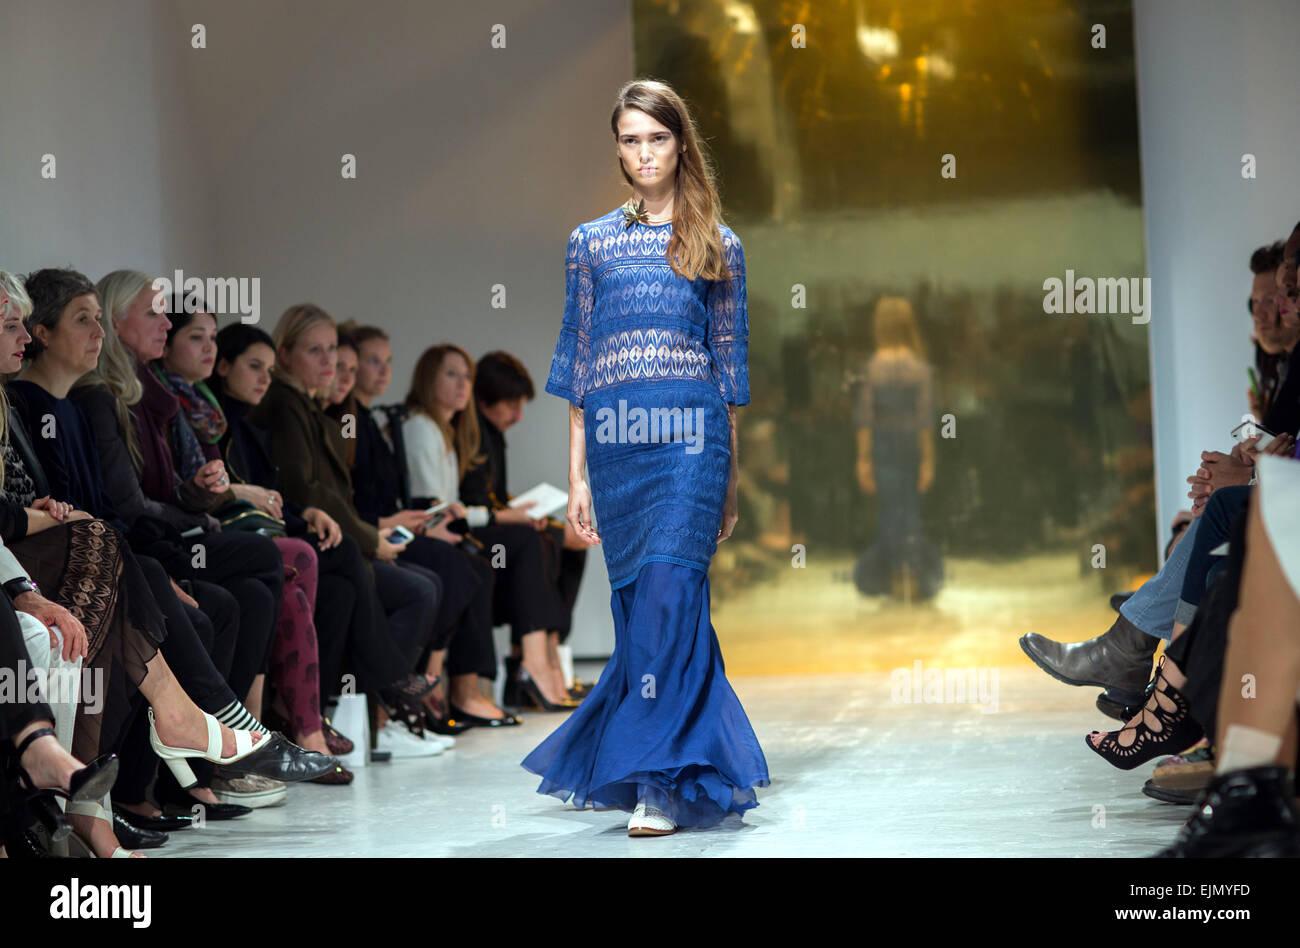 Semana de la moda de París Primavera/Verano 2015 en el Espace Commines - Kaviar Gauche - Backstage & Runway ofrece: Foto de stock